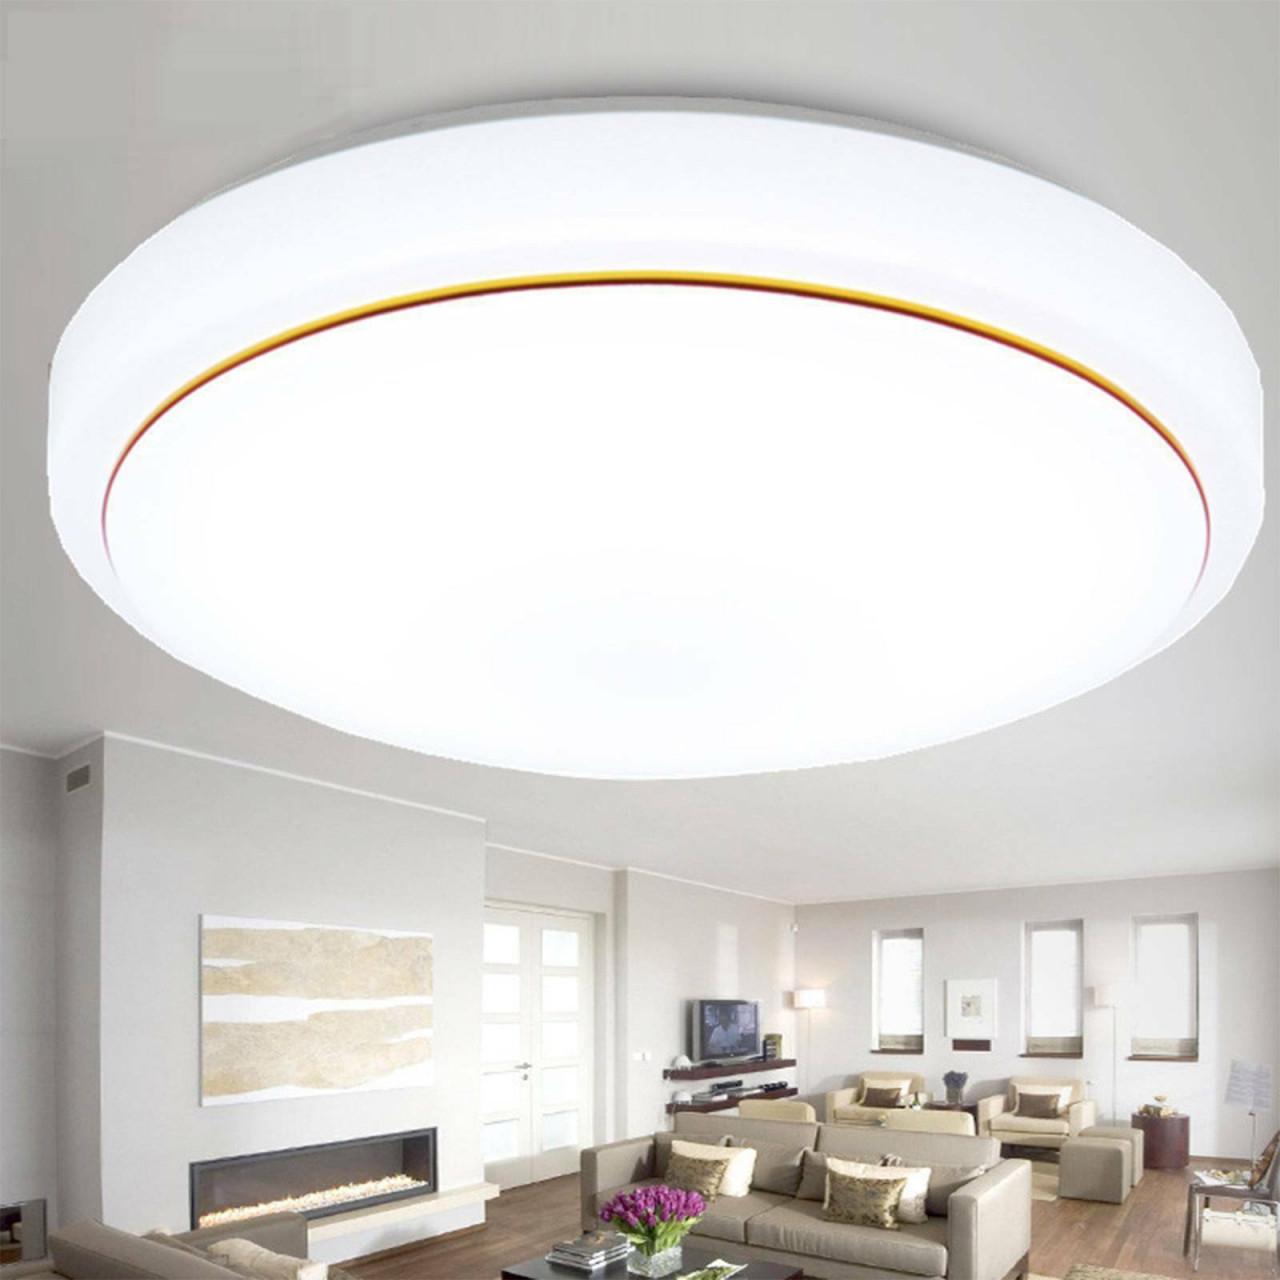 36W Led Deckenlampe Deckenleuchte Wohnzimmer Küchen Lampe Küche 40Cm Runde  Licht von Lampe Led Wohnzimmer Bild